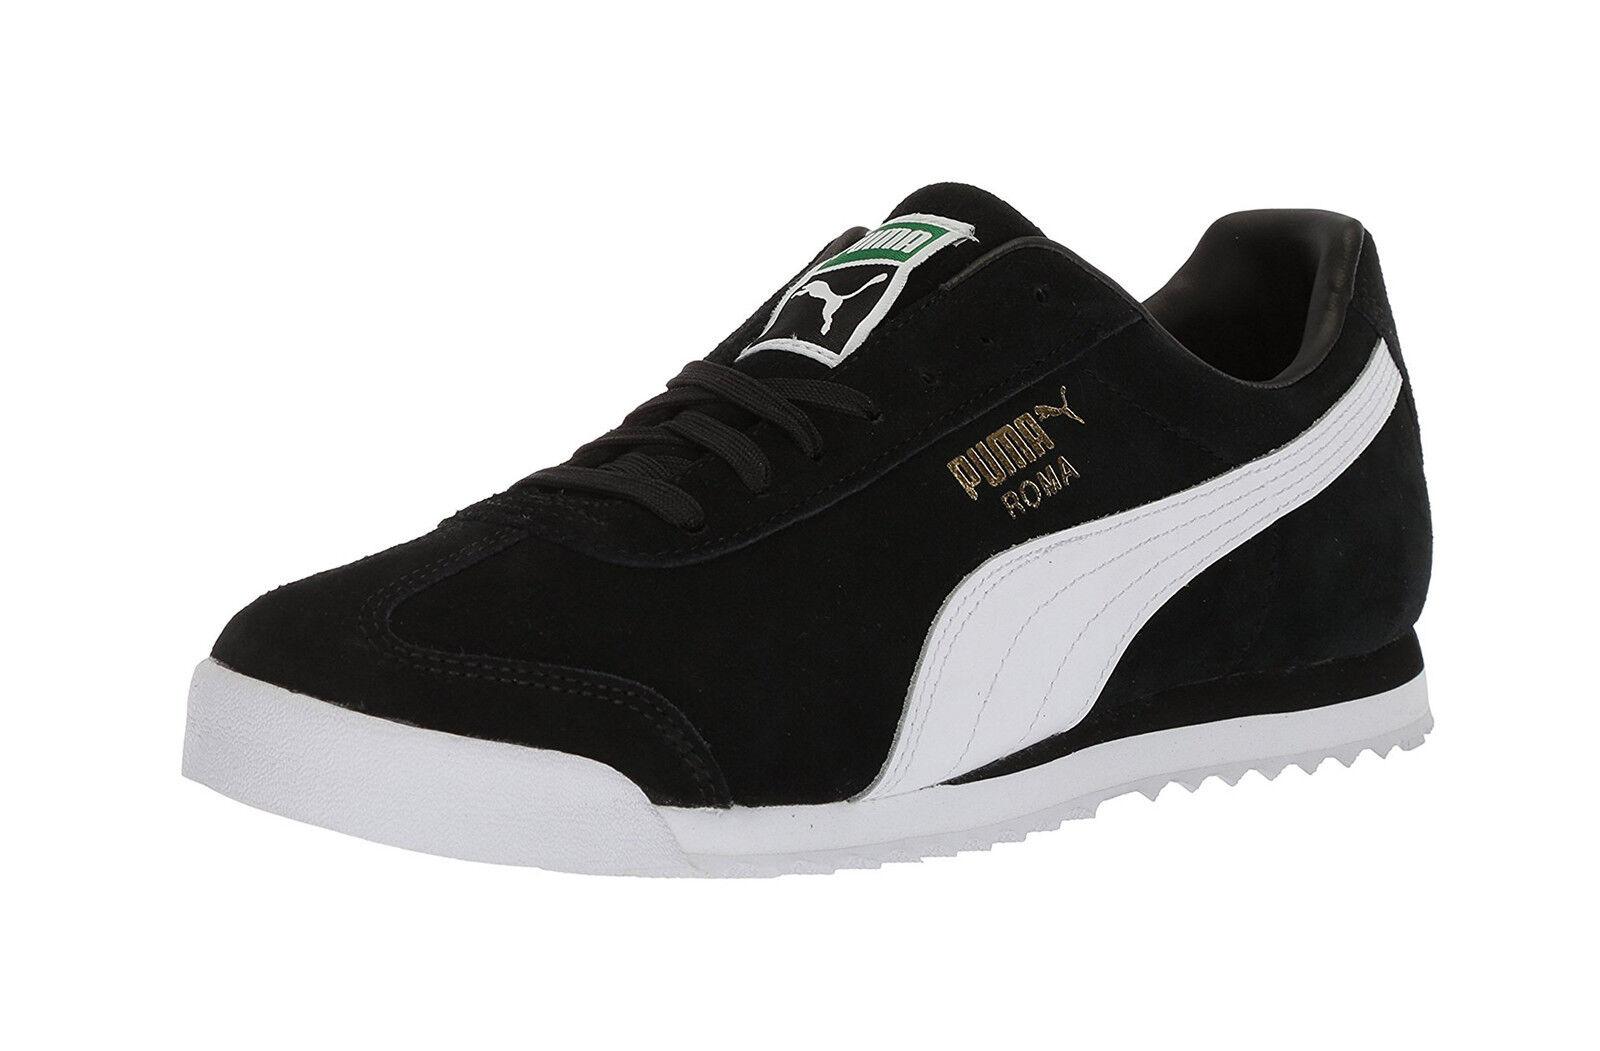 puma weiße roma - schwarz - weiße puma wildleder mode lace up turnschuhe sportliche erwachsene männer. 7292e7